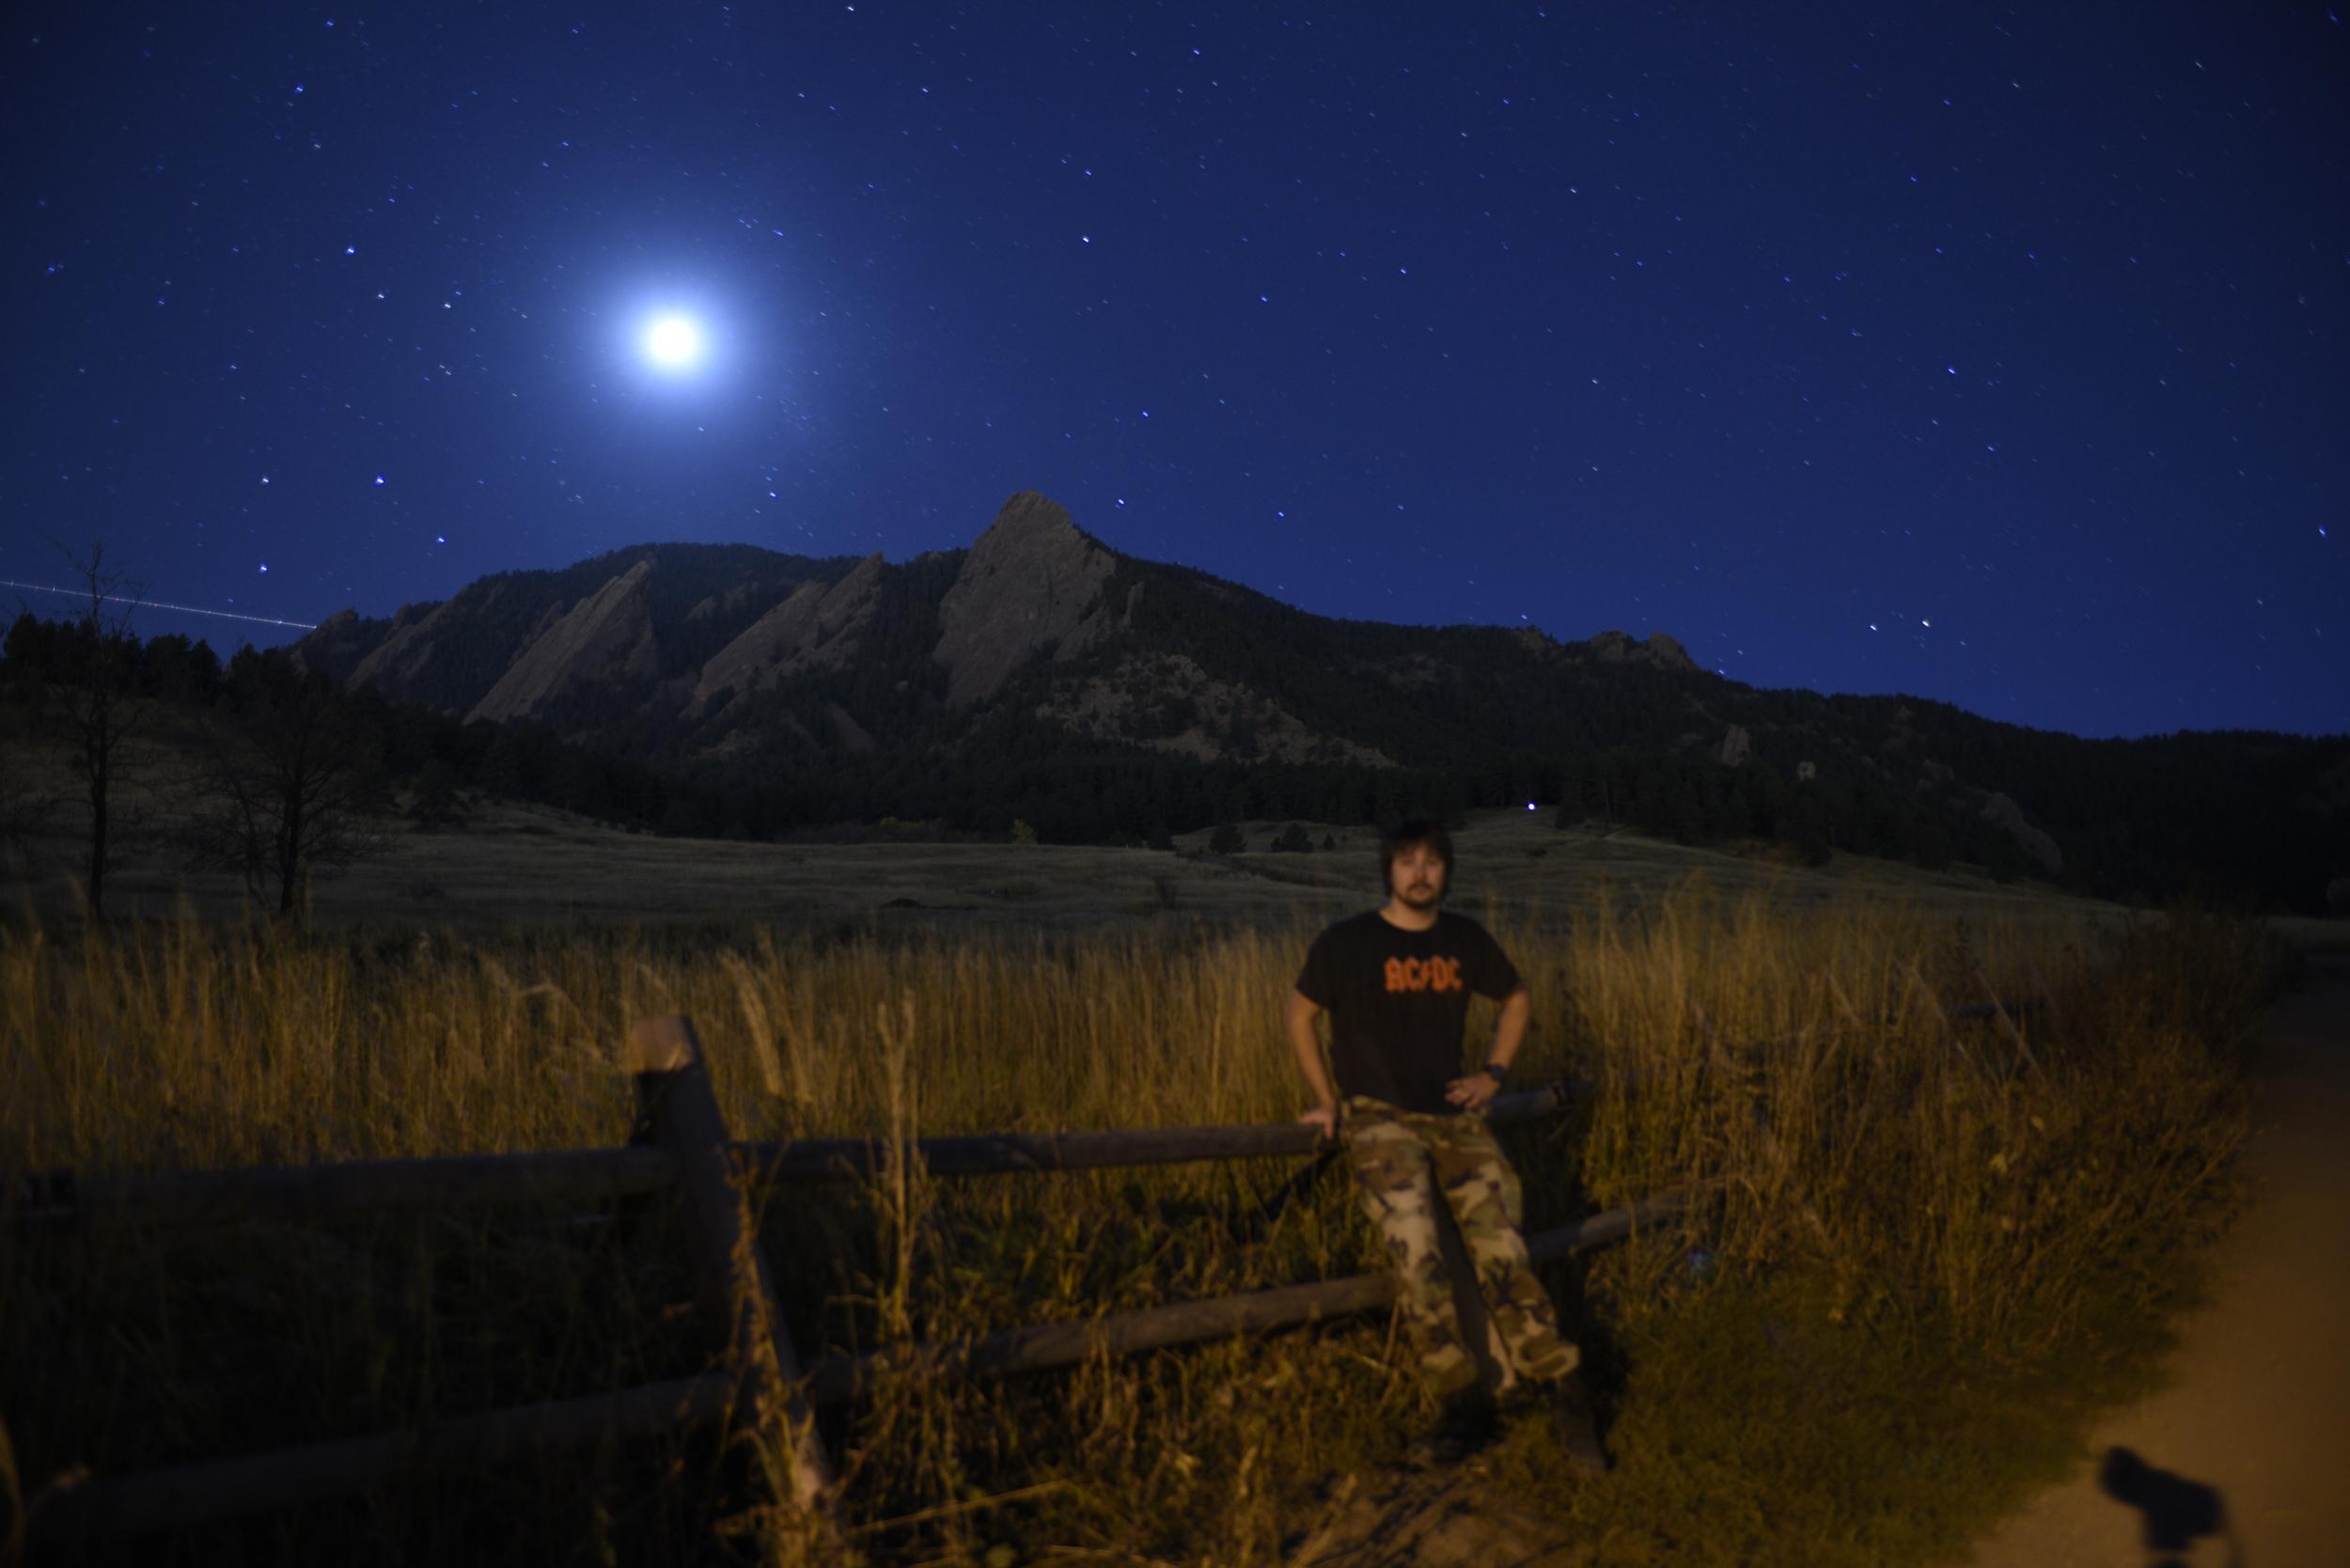 Colorado 14